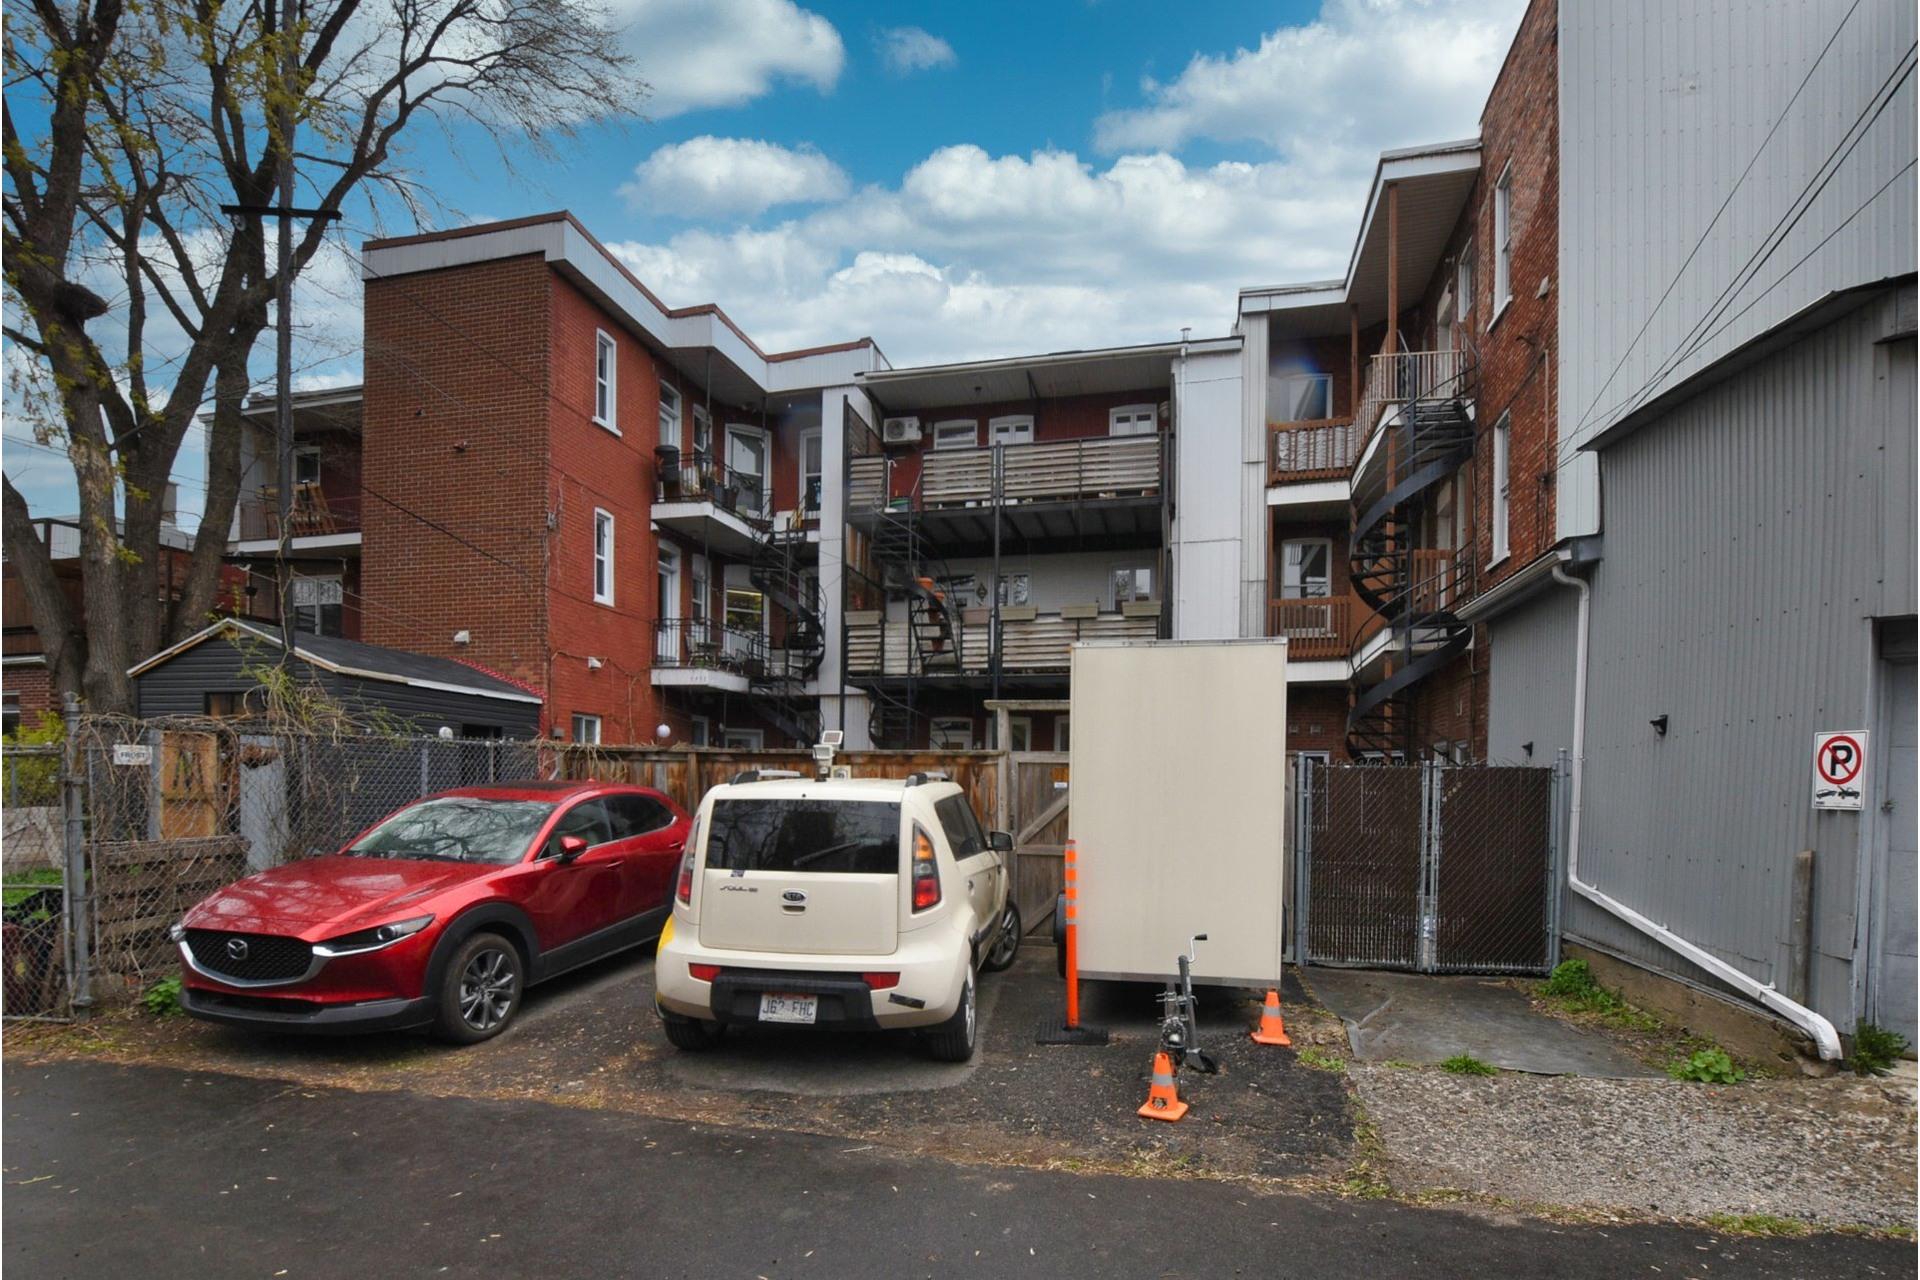 image 21 - Appartement À vendre Mercier/Hochelaga-Maisonneuve Montréal  - 5 pièces